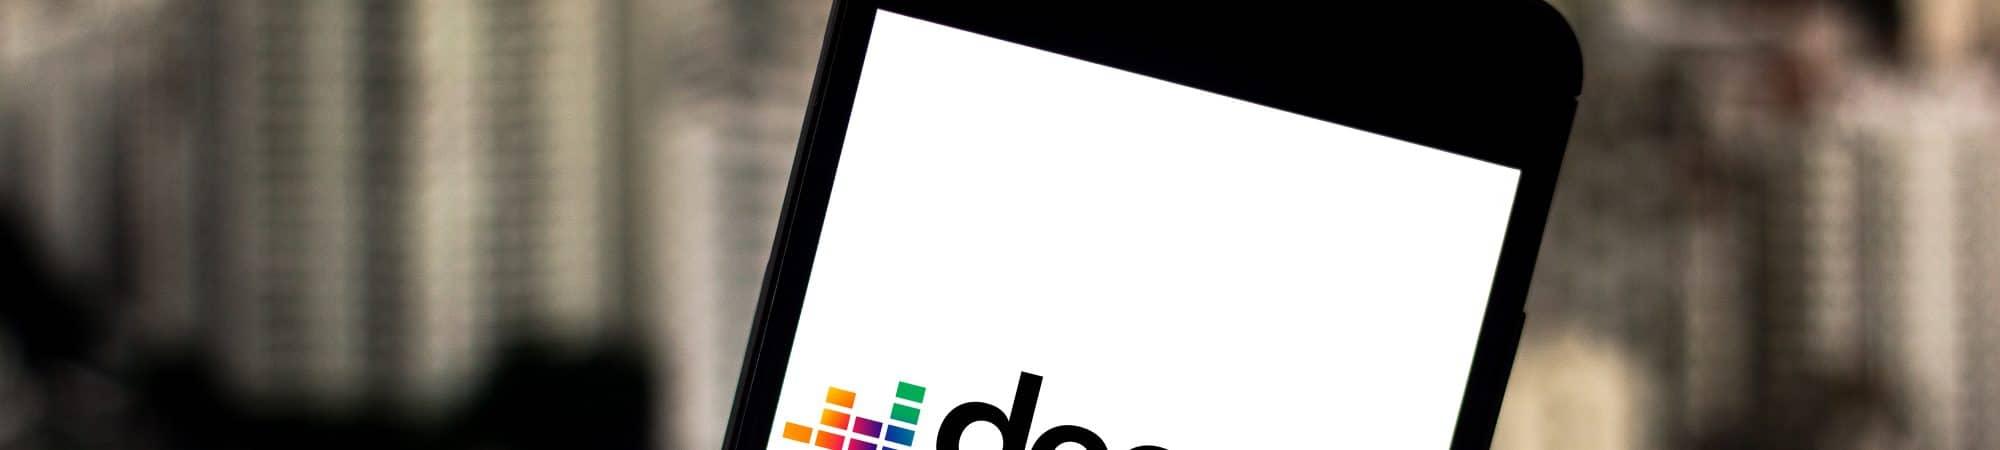 Aplicativo Deezer em tela de celular